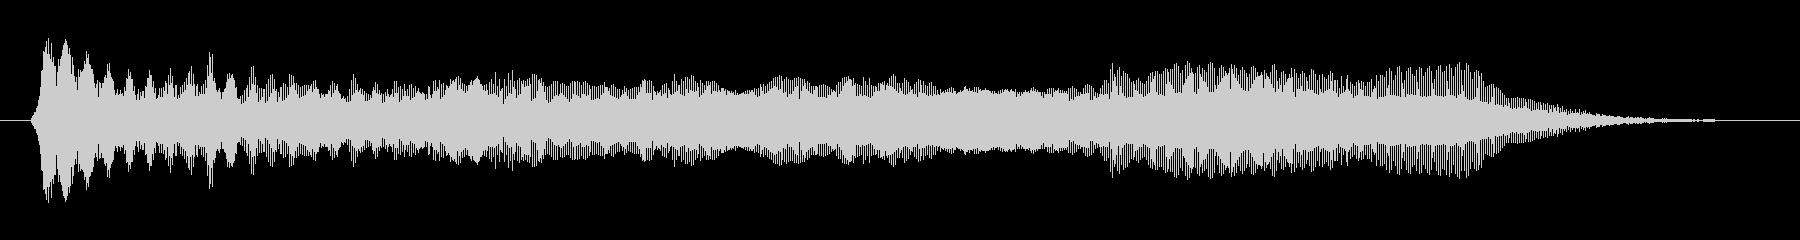 プロペラが回転する音(宇宙、飛ぶ)の未再生の波形